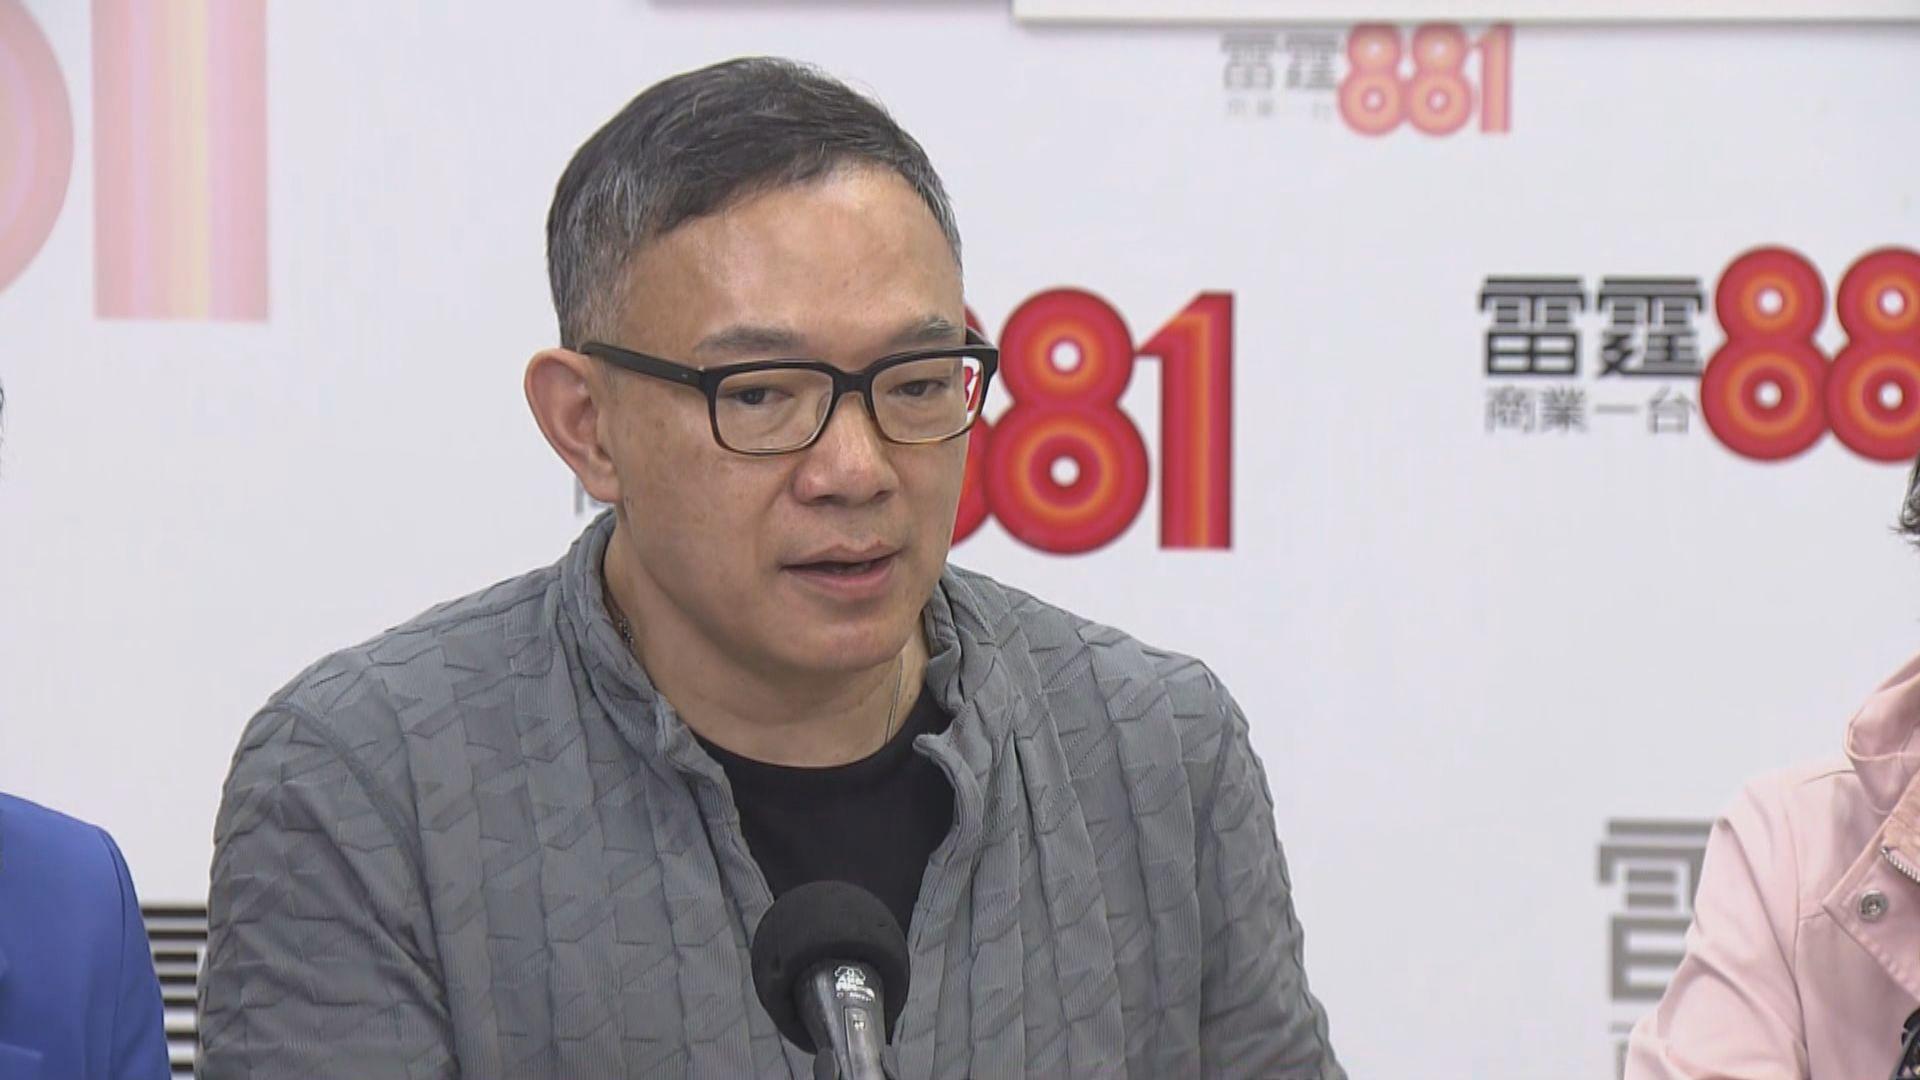 謝偉俊:可討論將追溯期定於逃犯條例修訂前一年